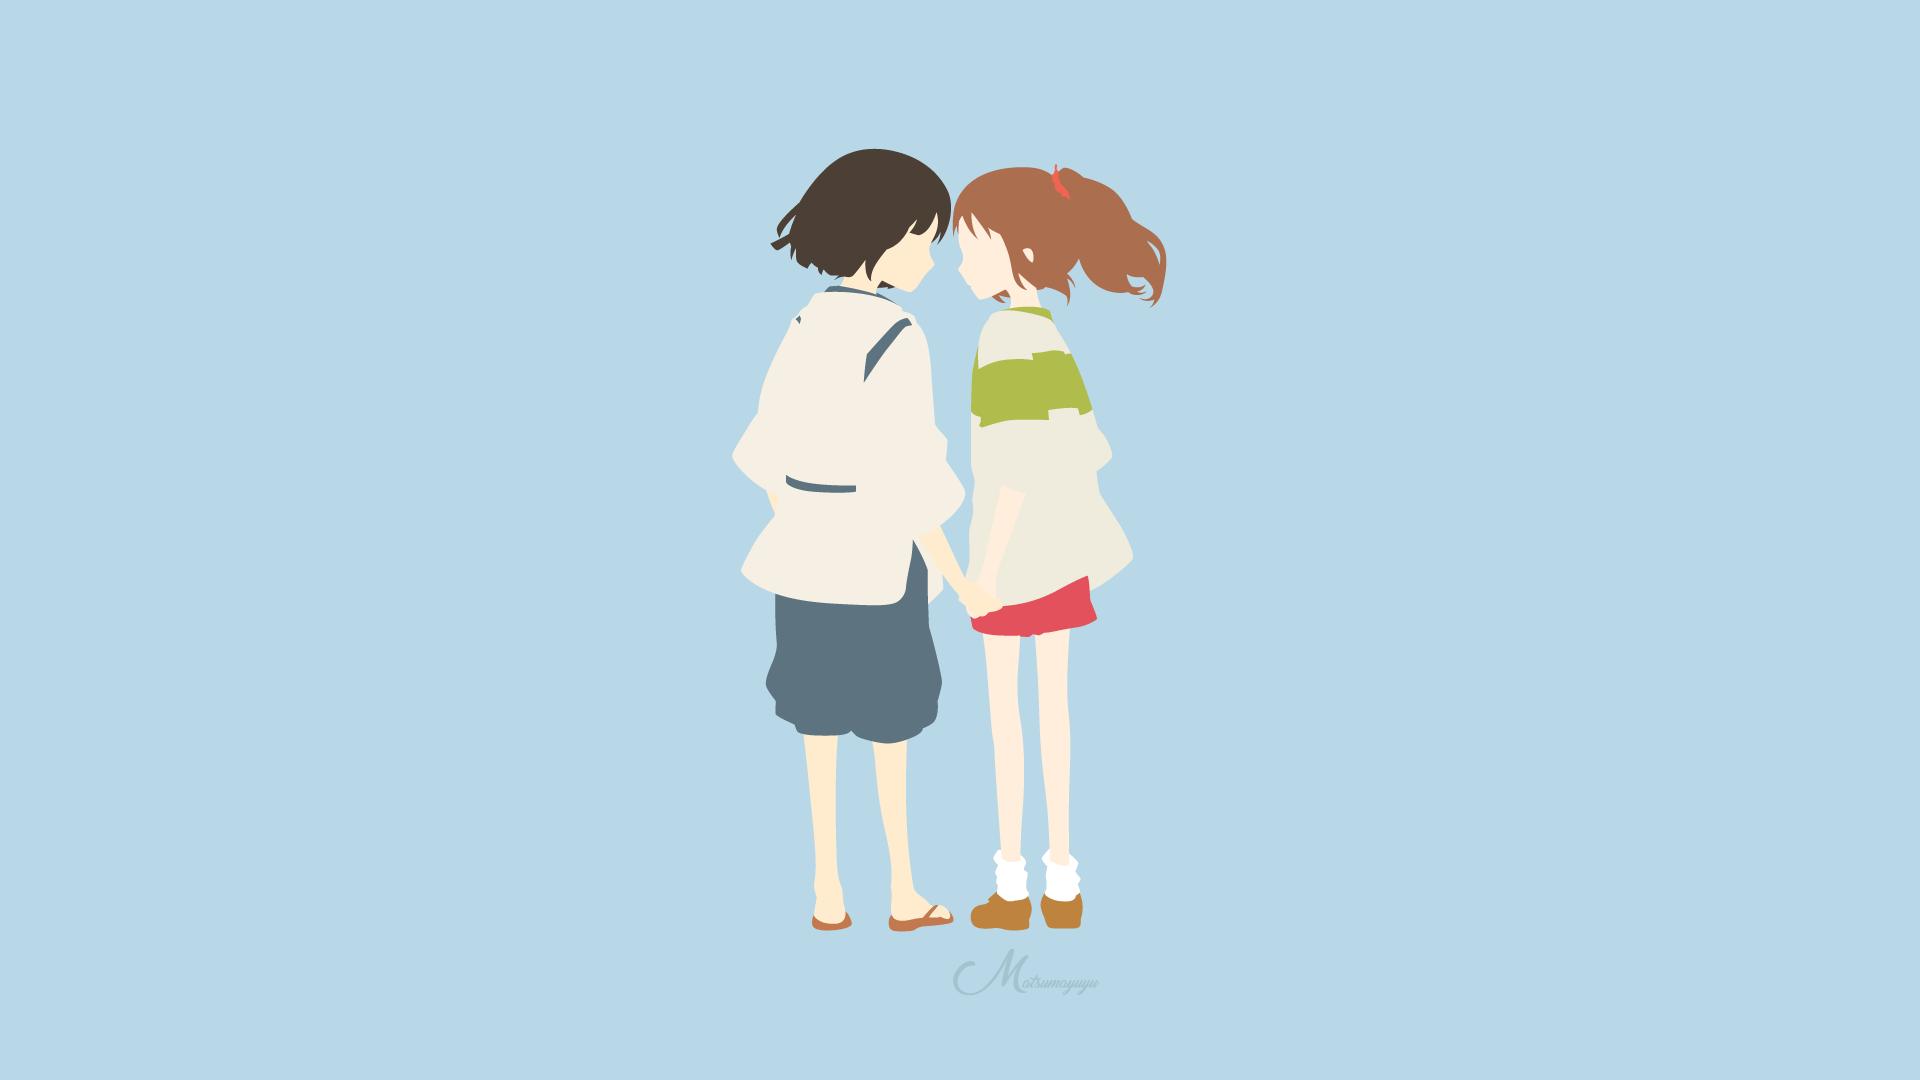 Chihiro And Haku From Spirited Away By Matsumayu On Deviantart